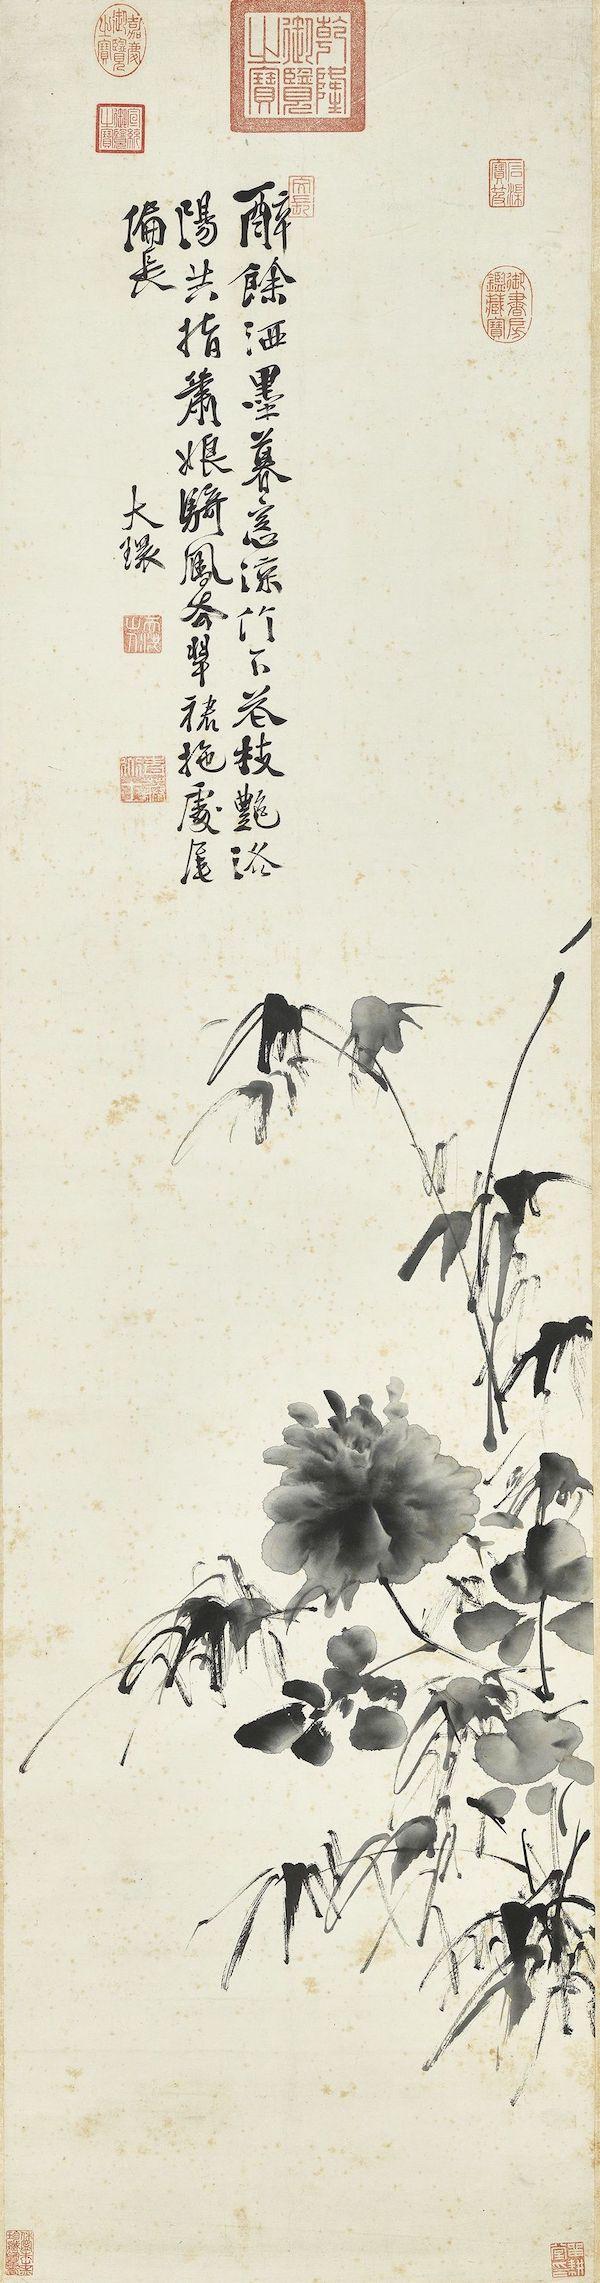 明 徐渭 《画牡丹图》轴 台北故宫博物院藏